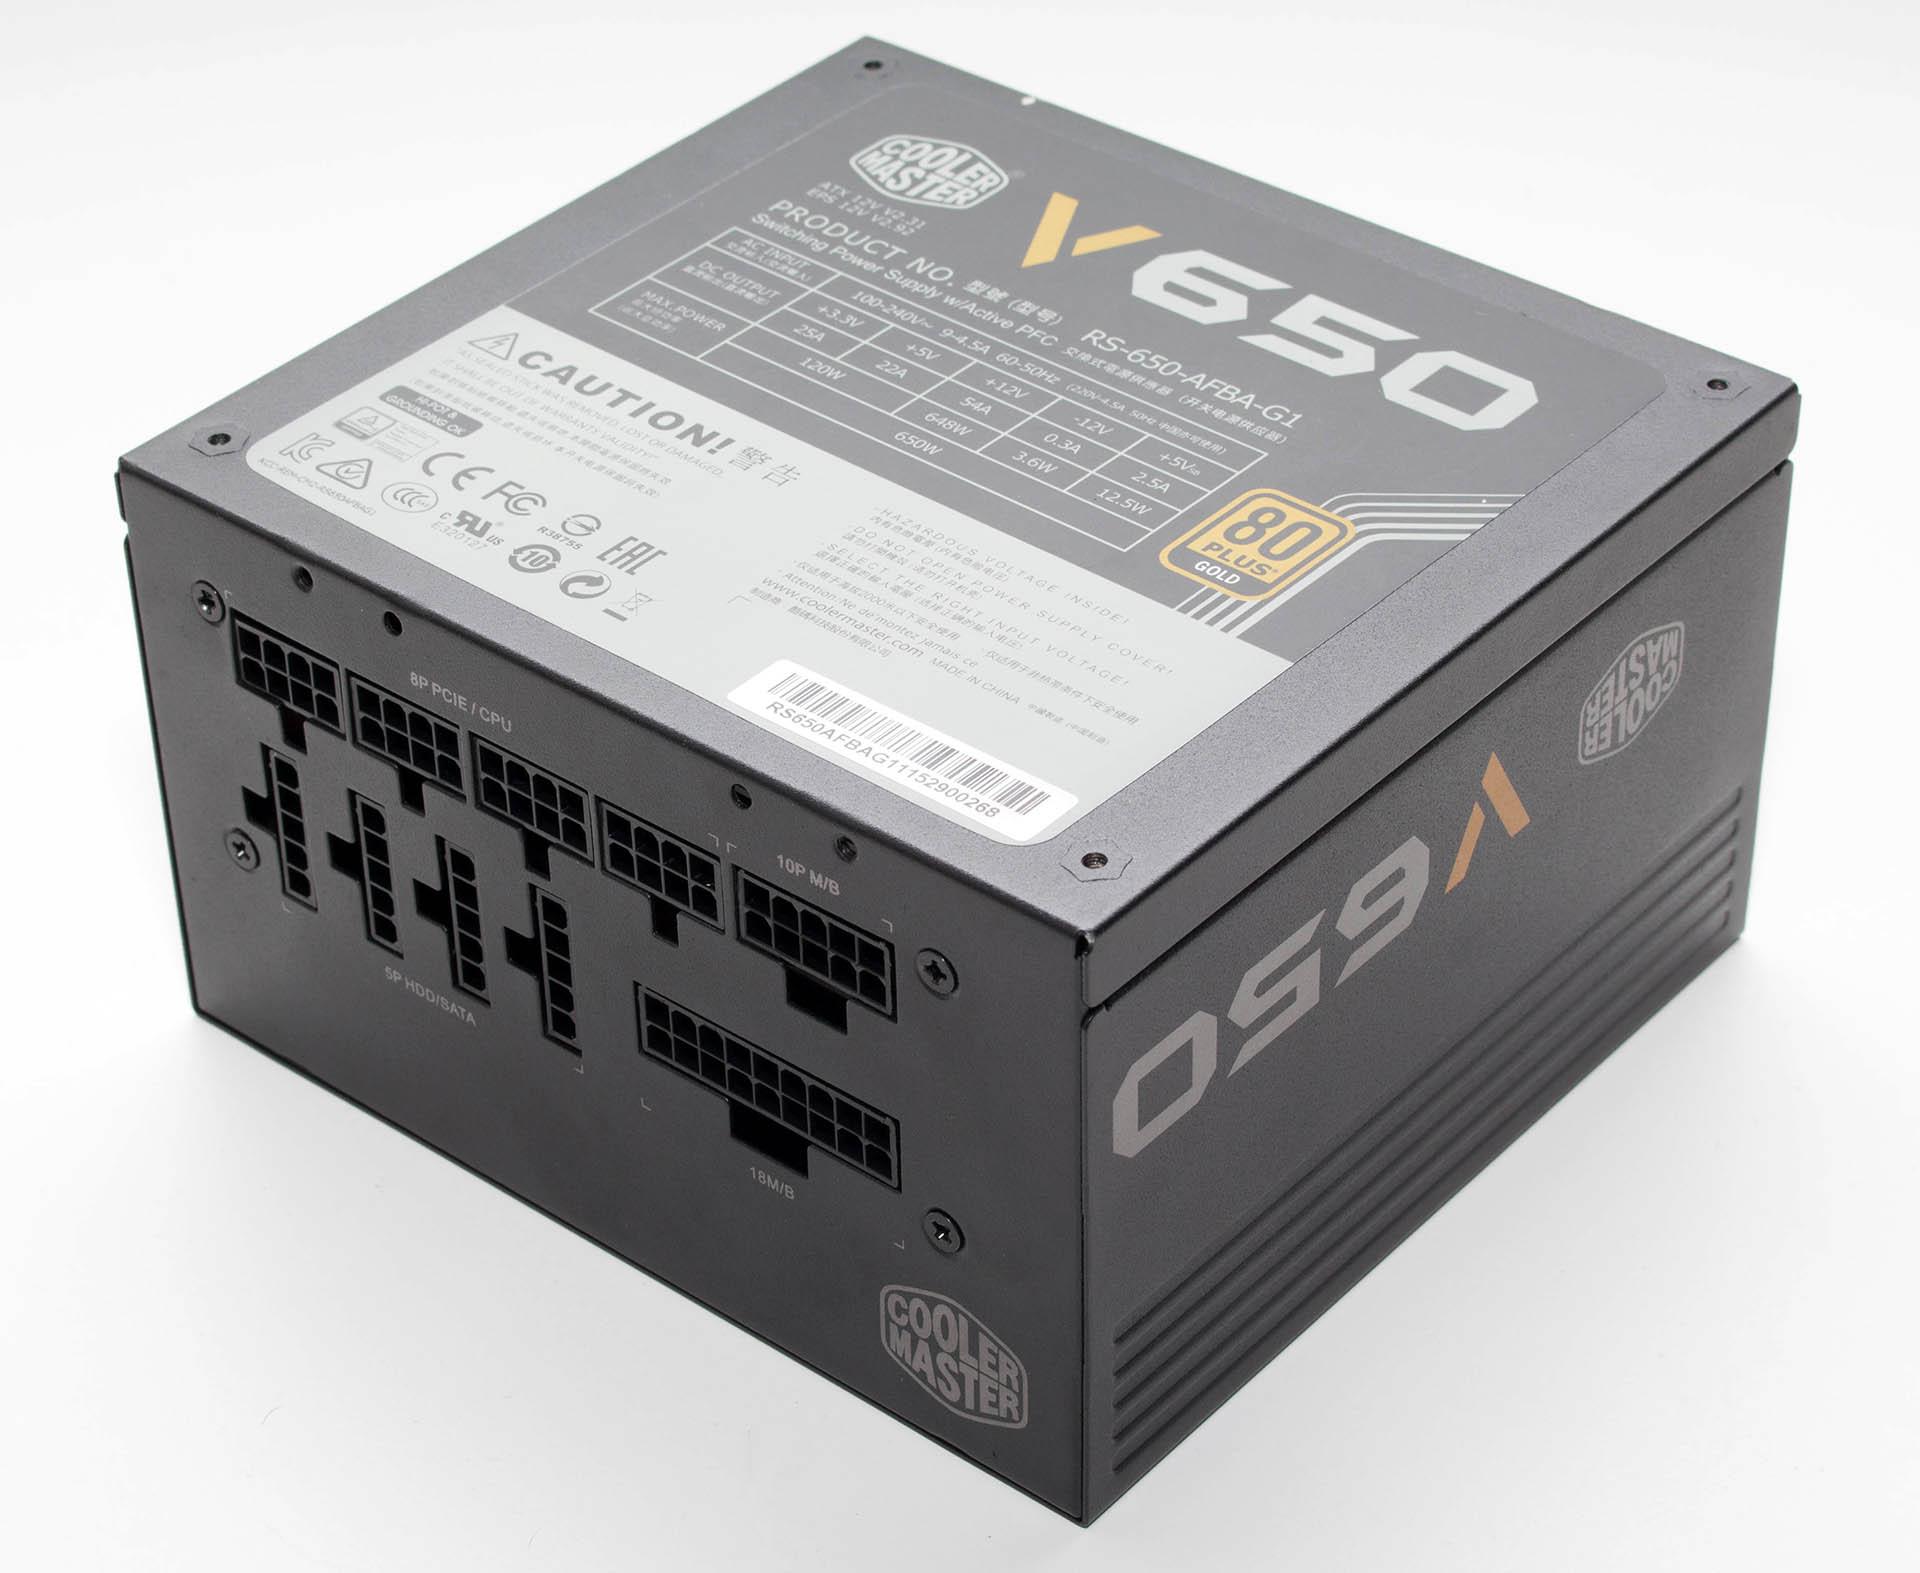 Coolermaster V650 test